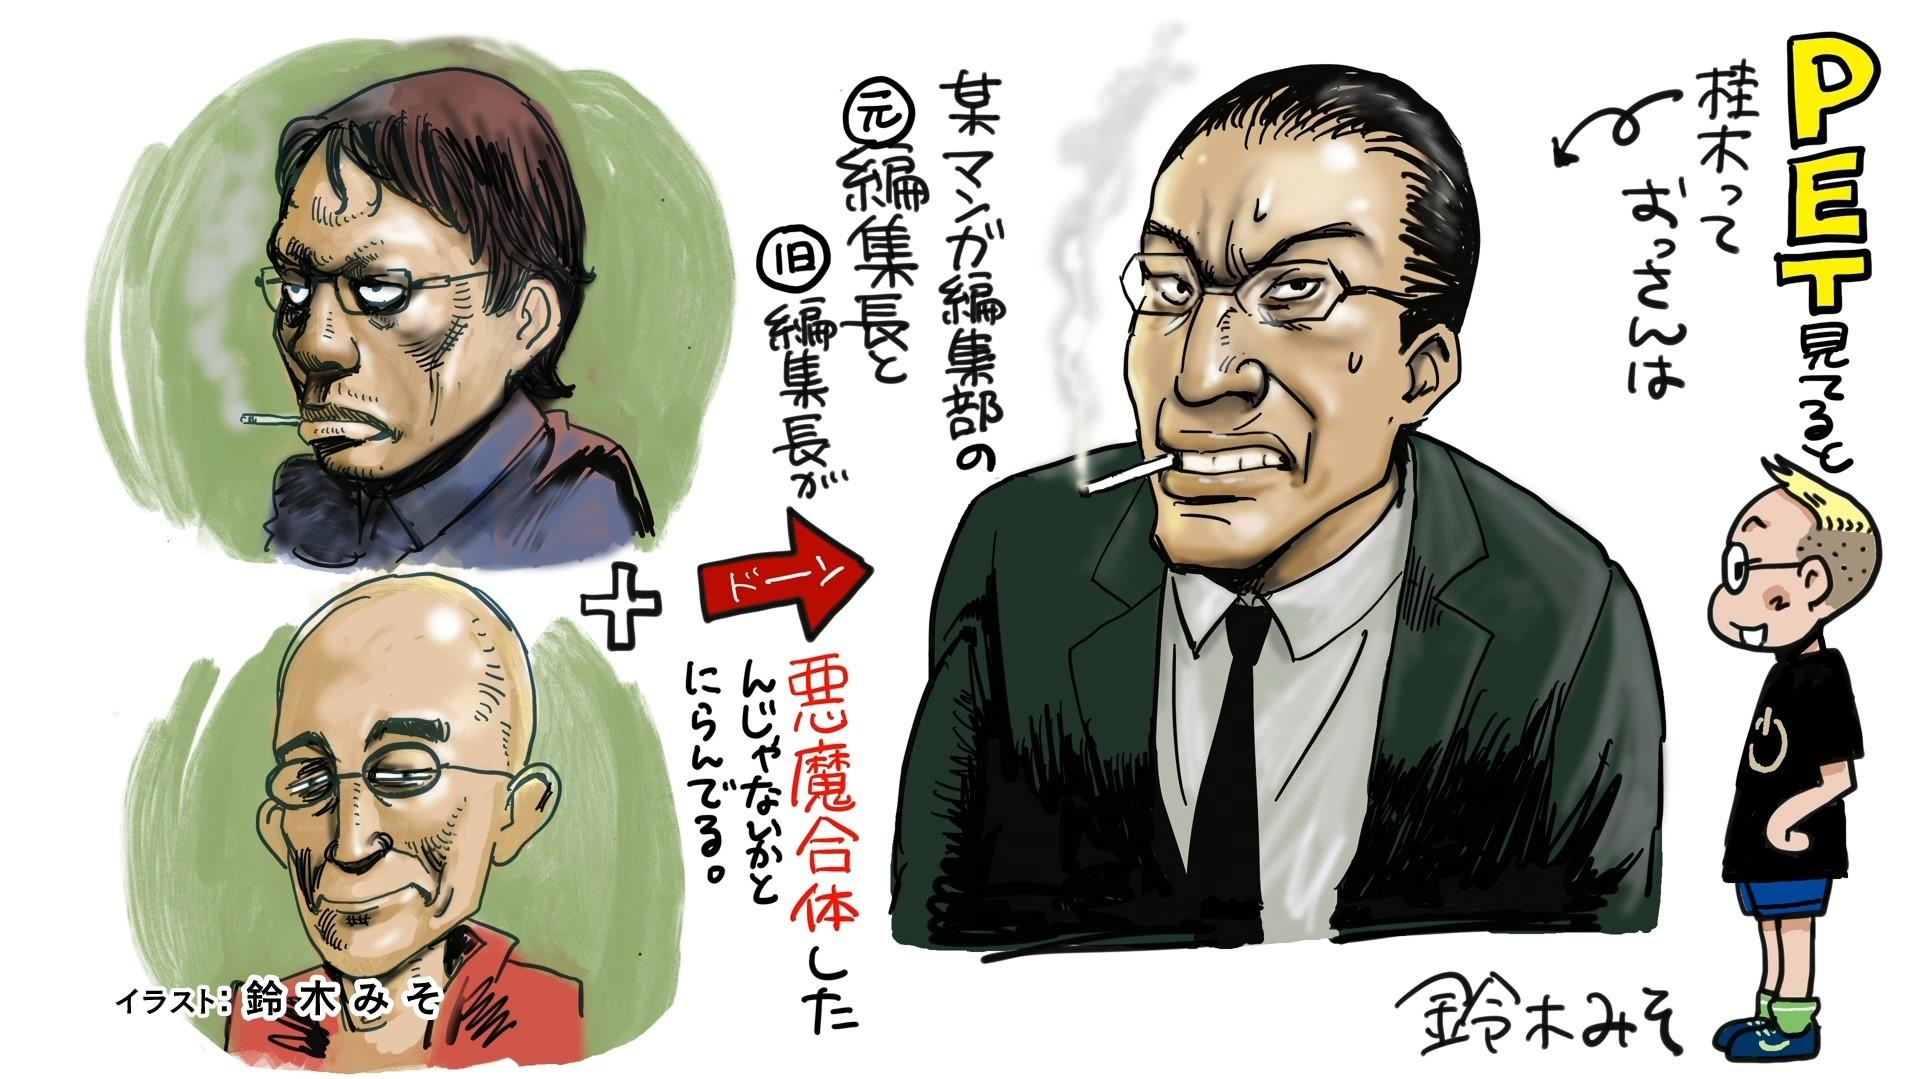 Pet Episode 03 End card Miso Suzuki